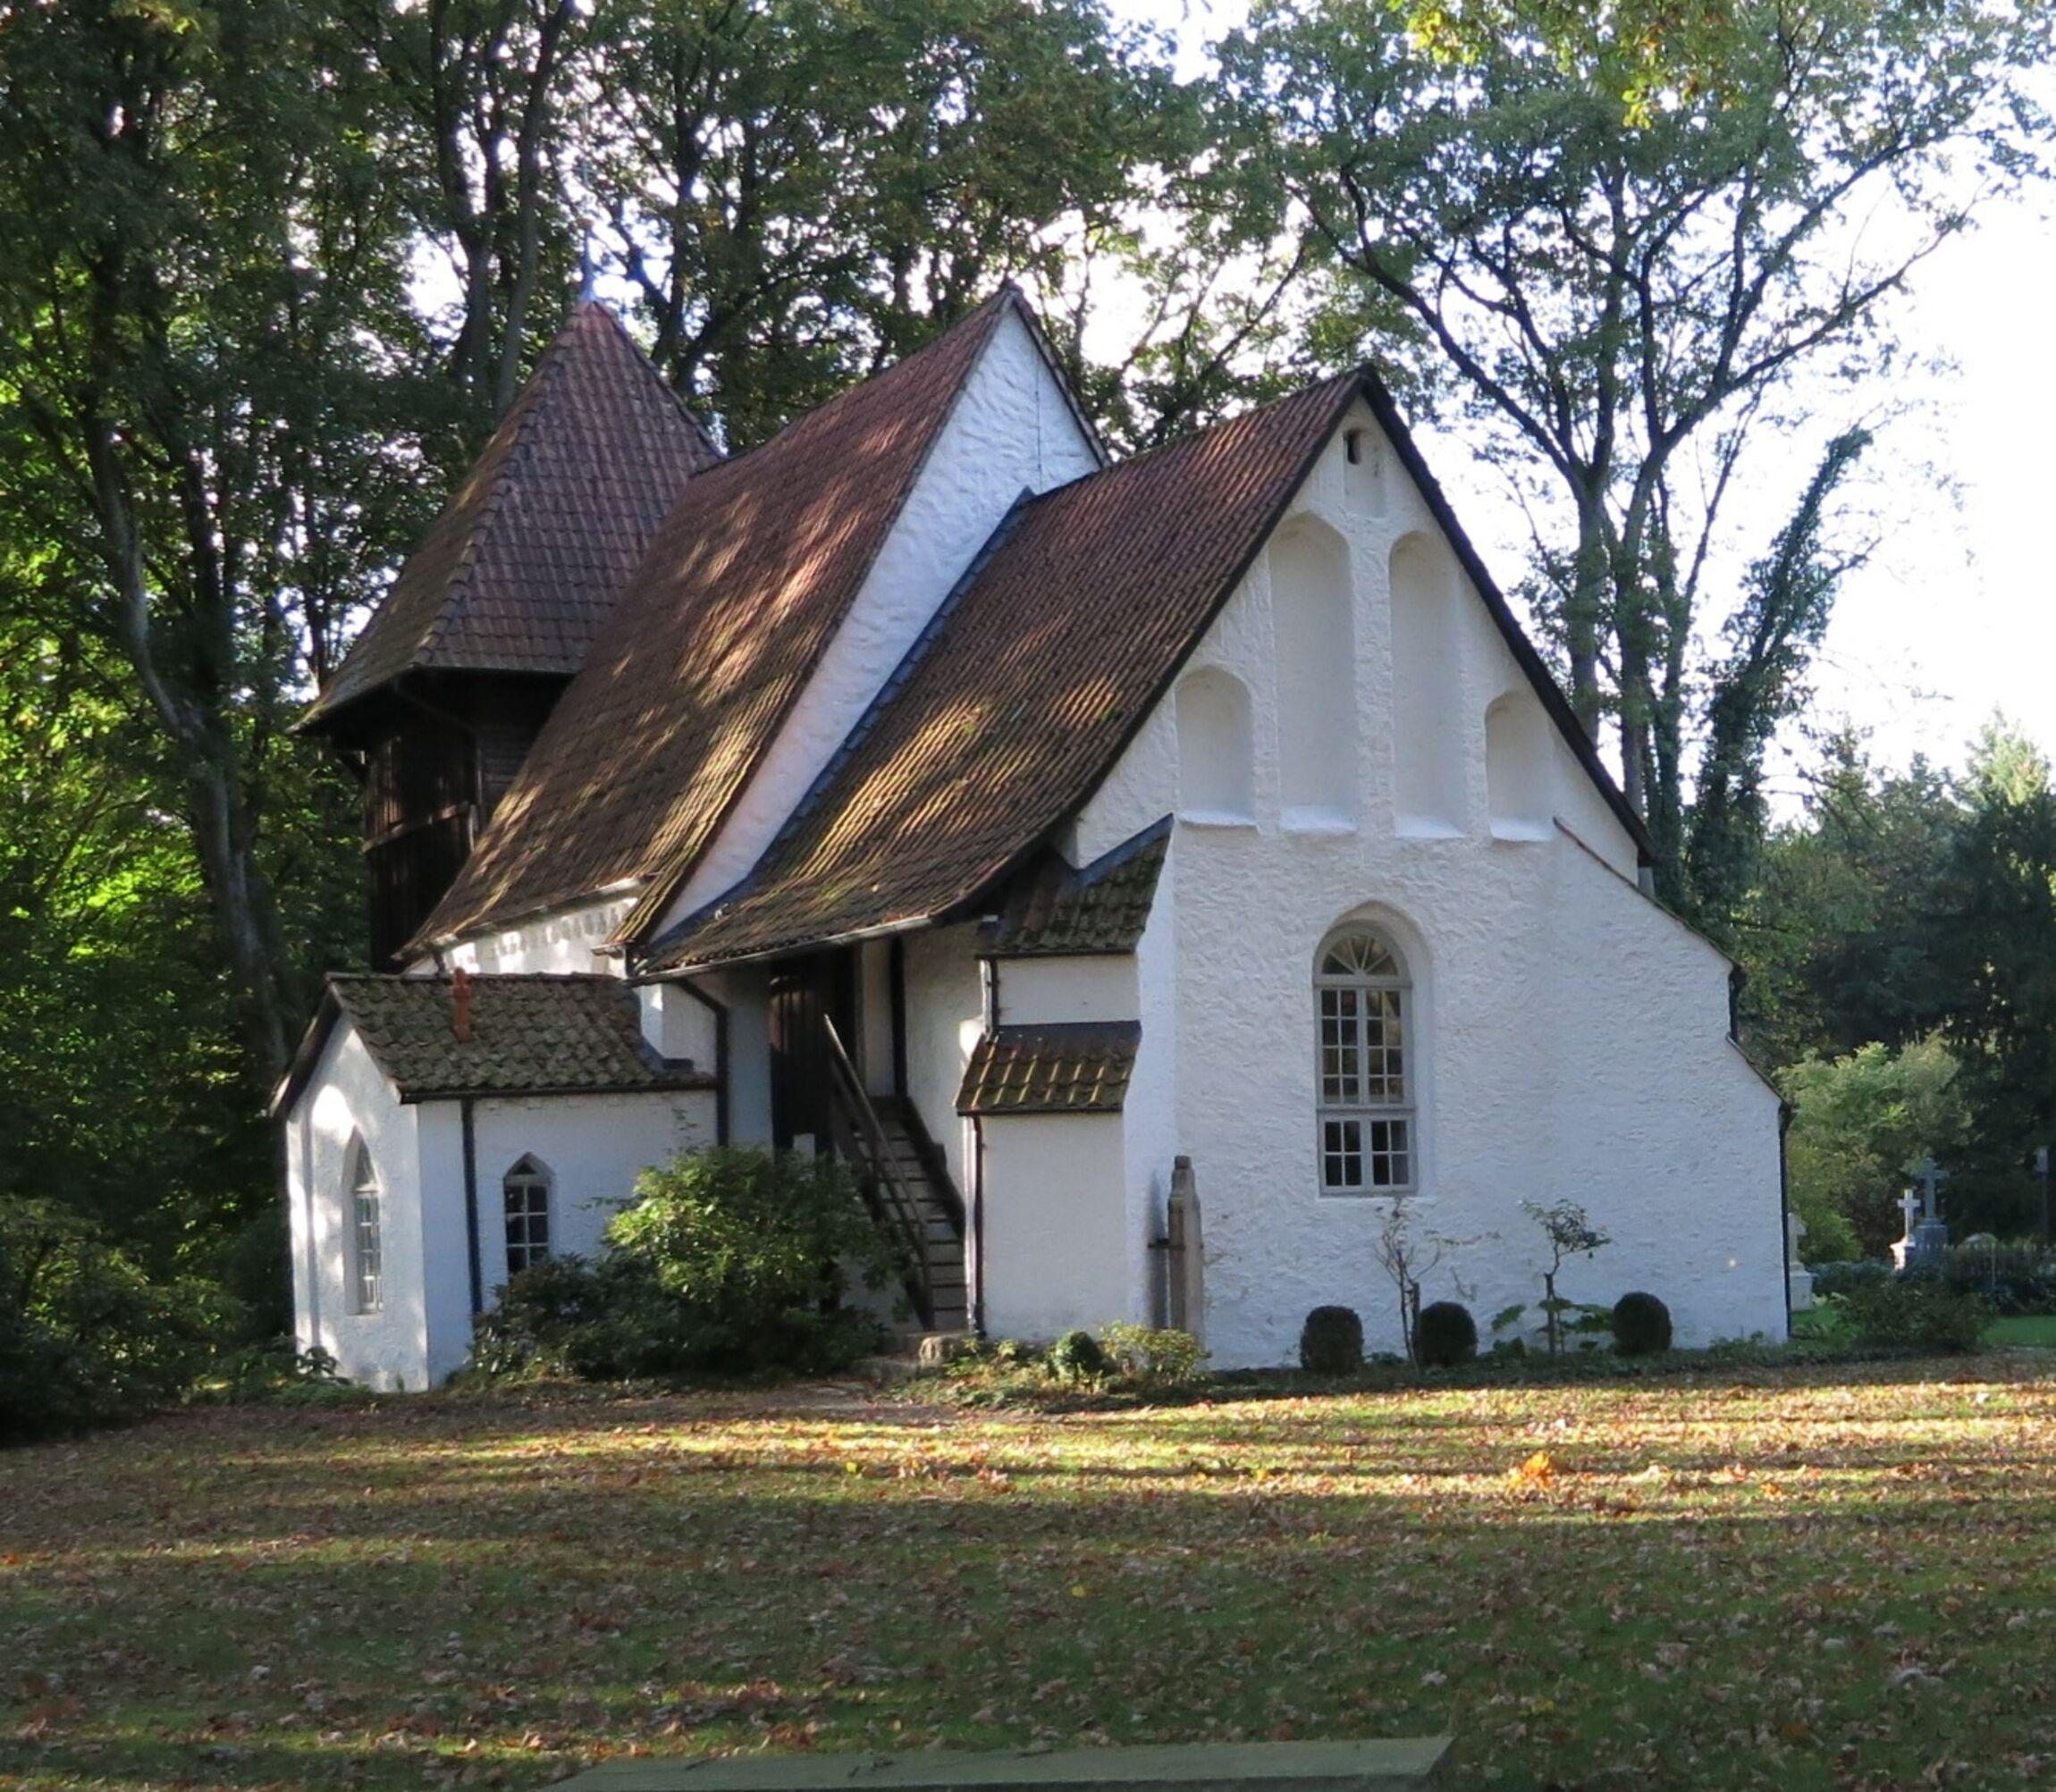 St. Georg Kirche zu Meinerdingen